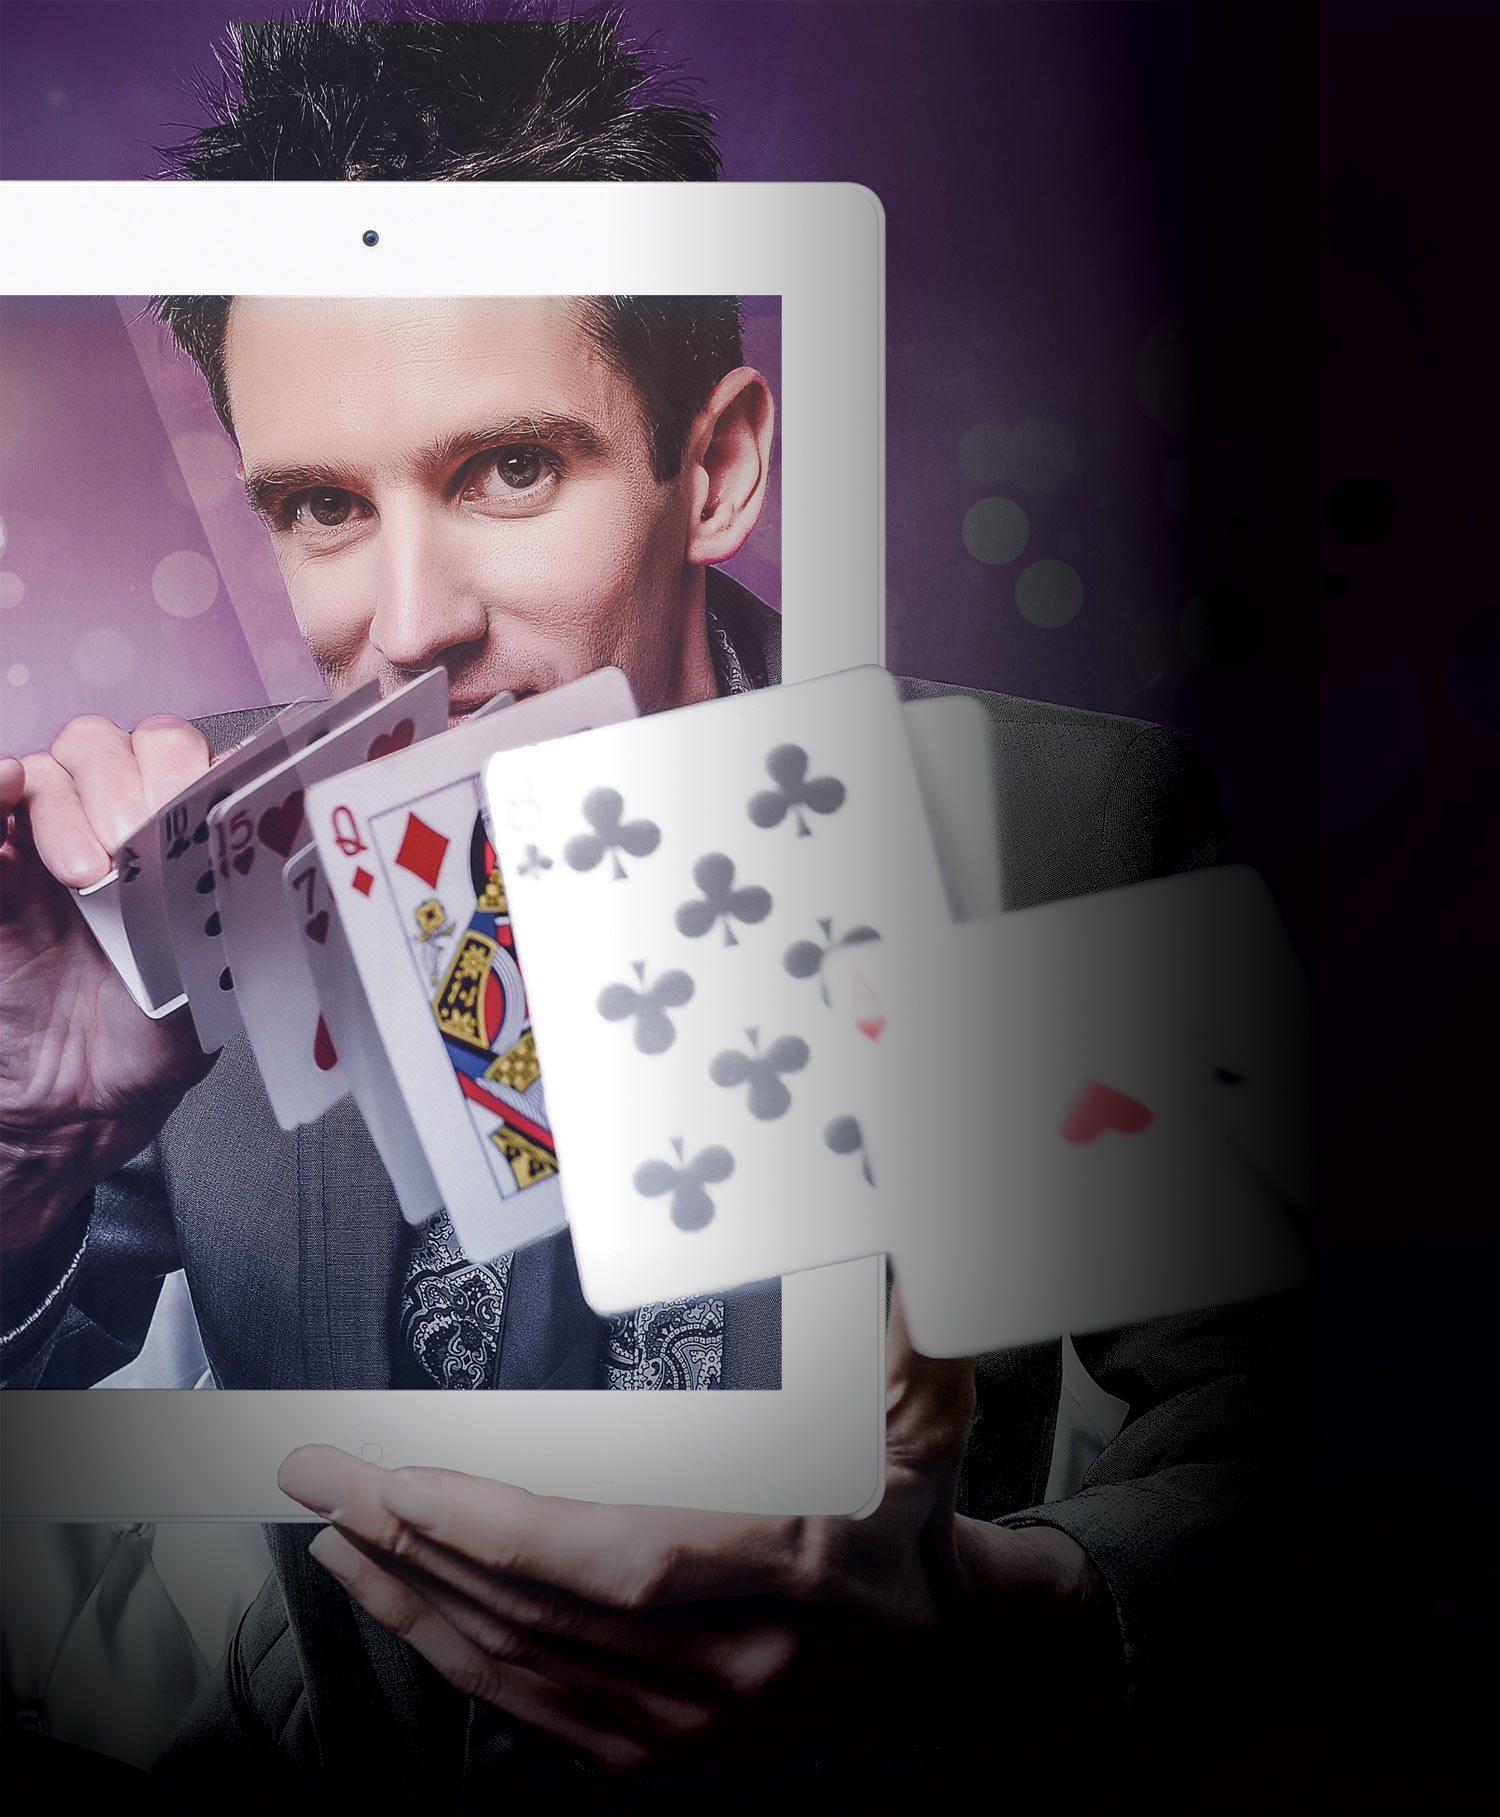 iPad Magician Keelan Leyser